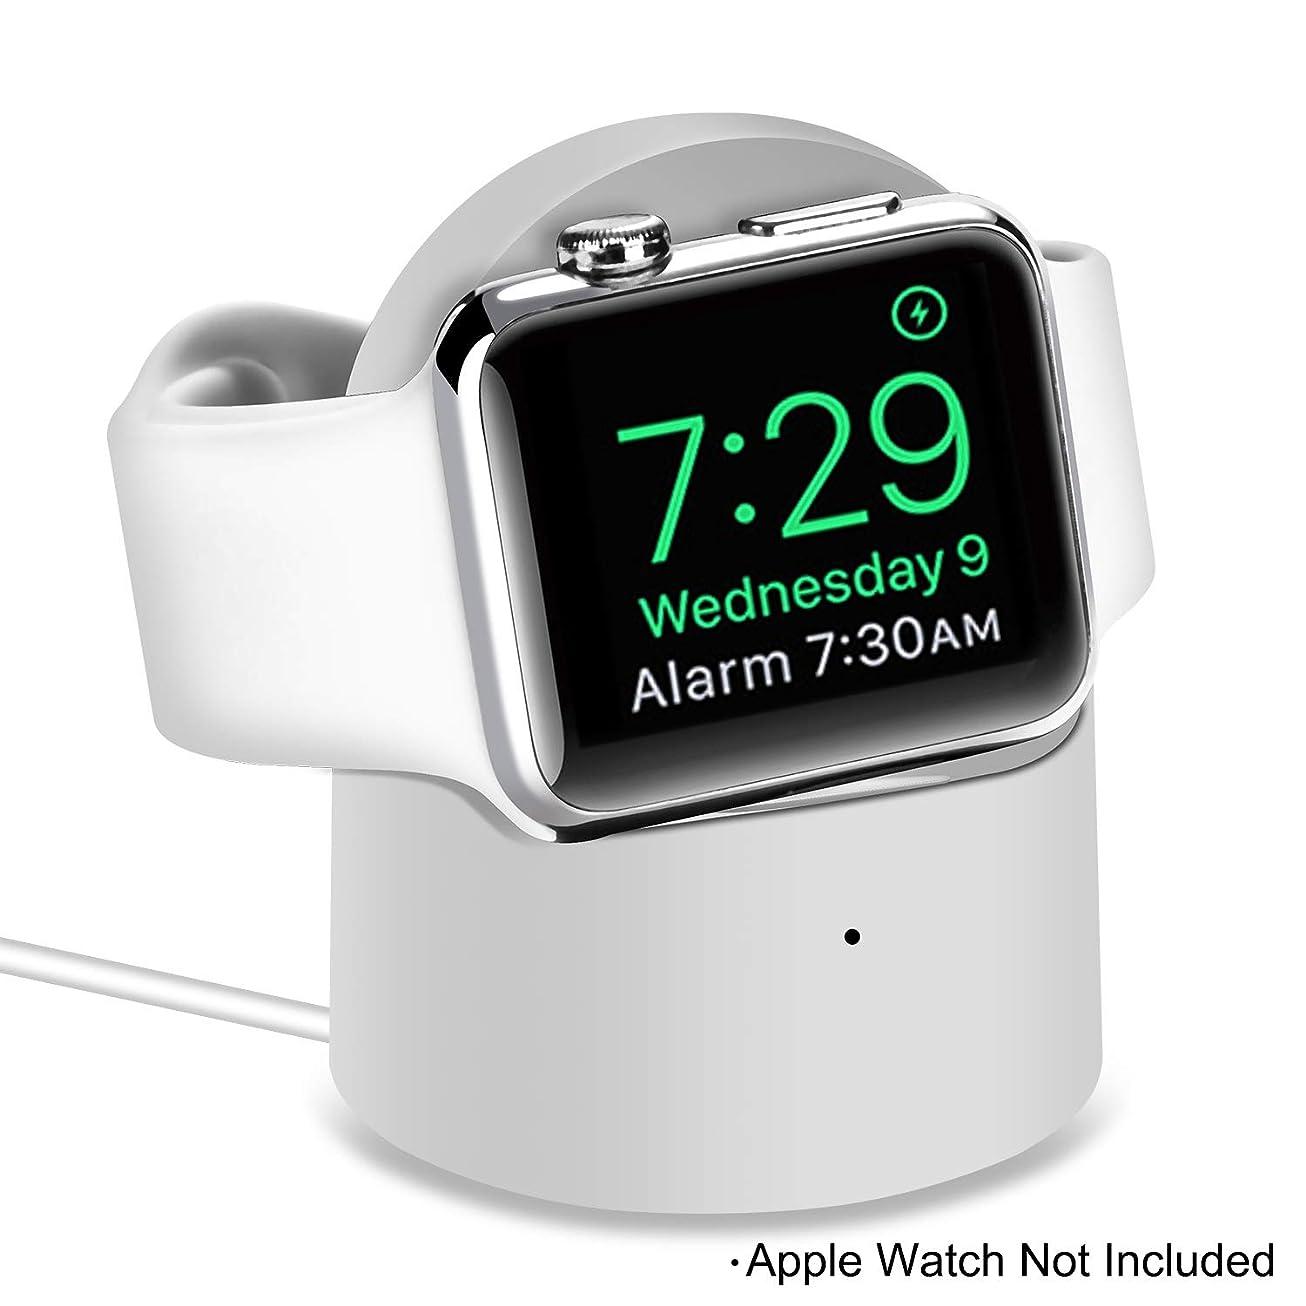 呼び出す投資失業Kasitek Apple Watch iWatch充電器 携帯型 アップル iwatch 小型ステント 内蔵腕時計充電器 iWatch充電所 磁気吸収感応 Apple Watch 4/3/2/1 (44 mm / 42 mm / 40 mm / 38 mm)